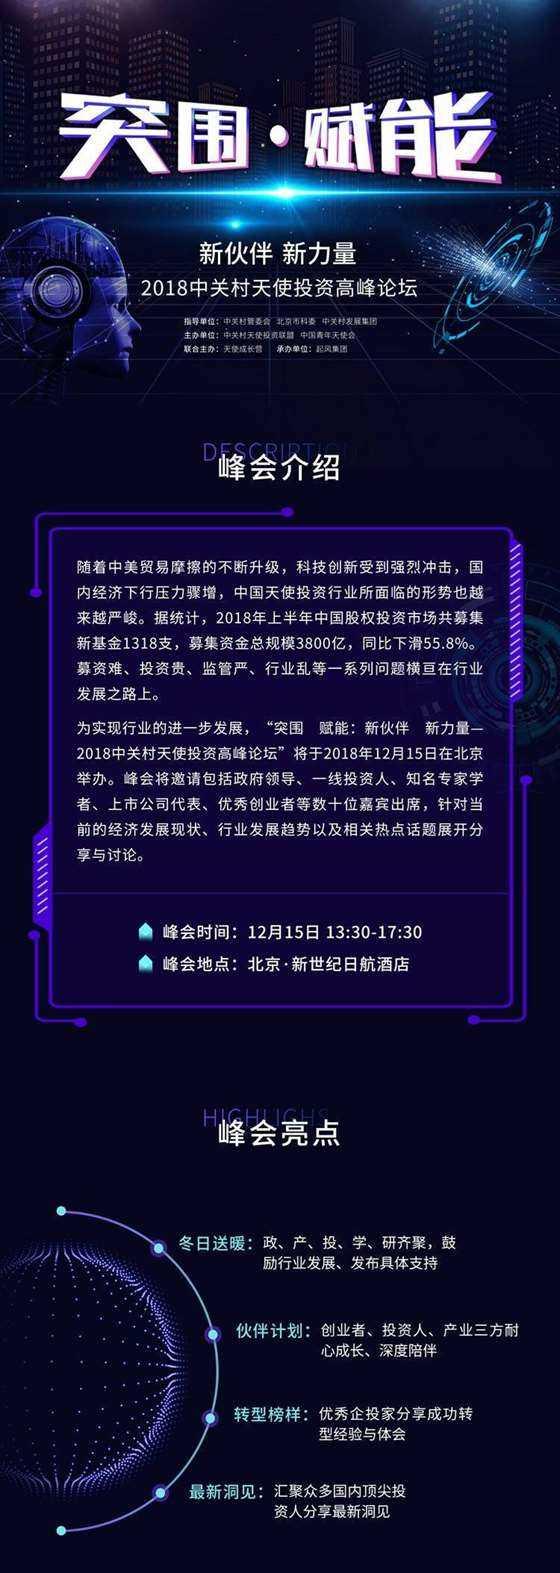 中关村论坛议程长图_01.jpg